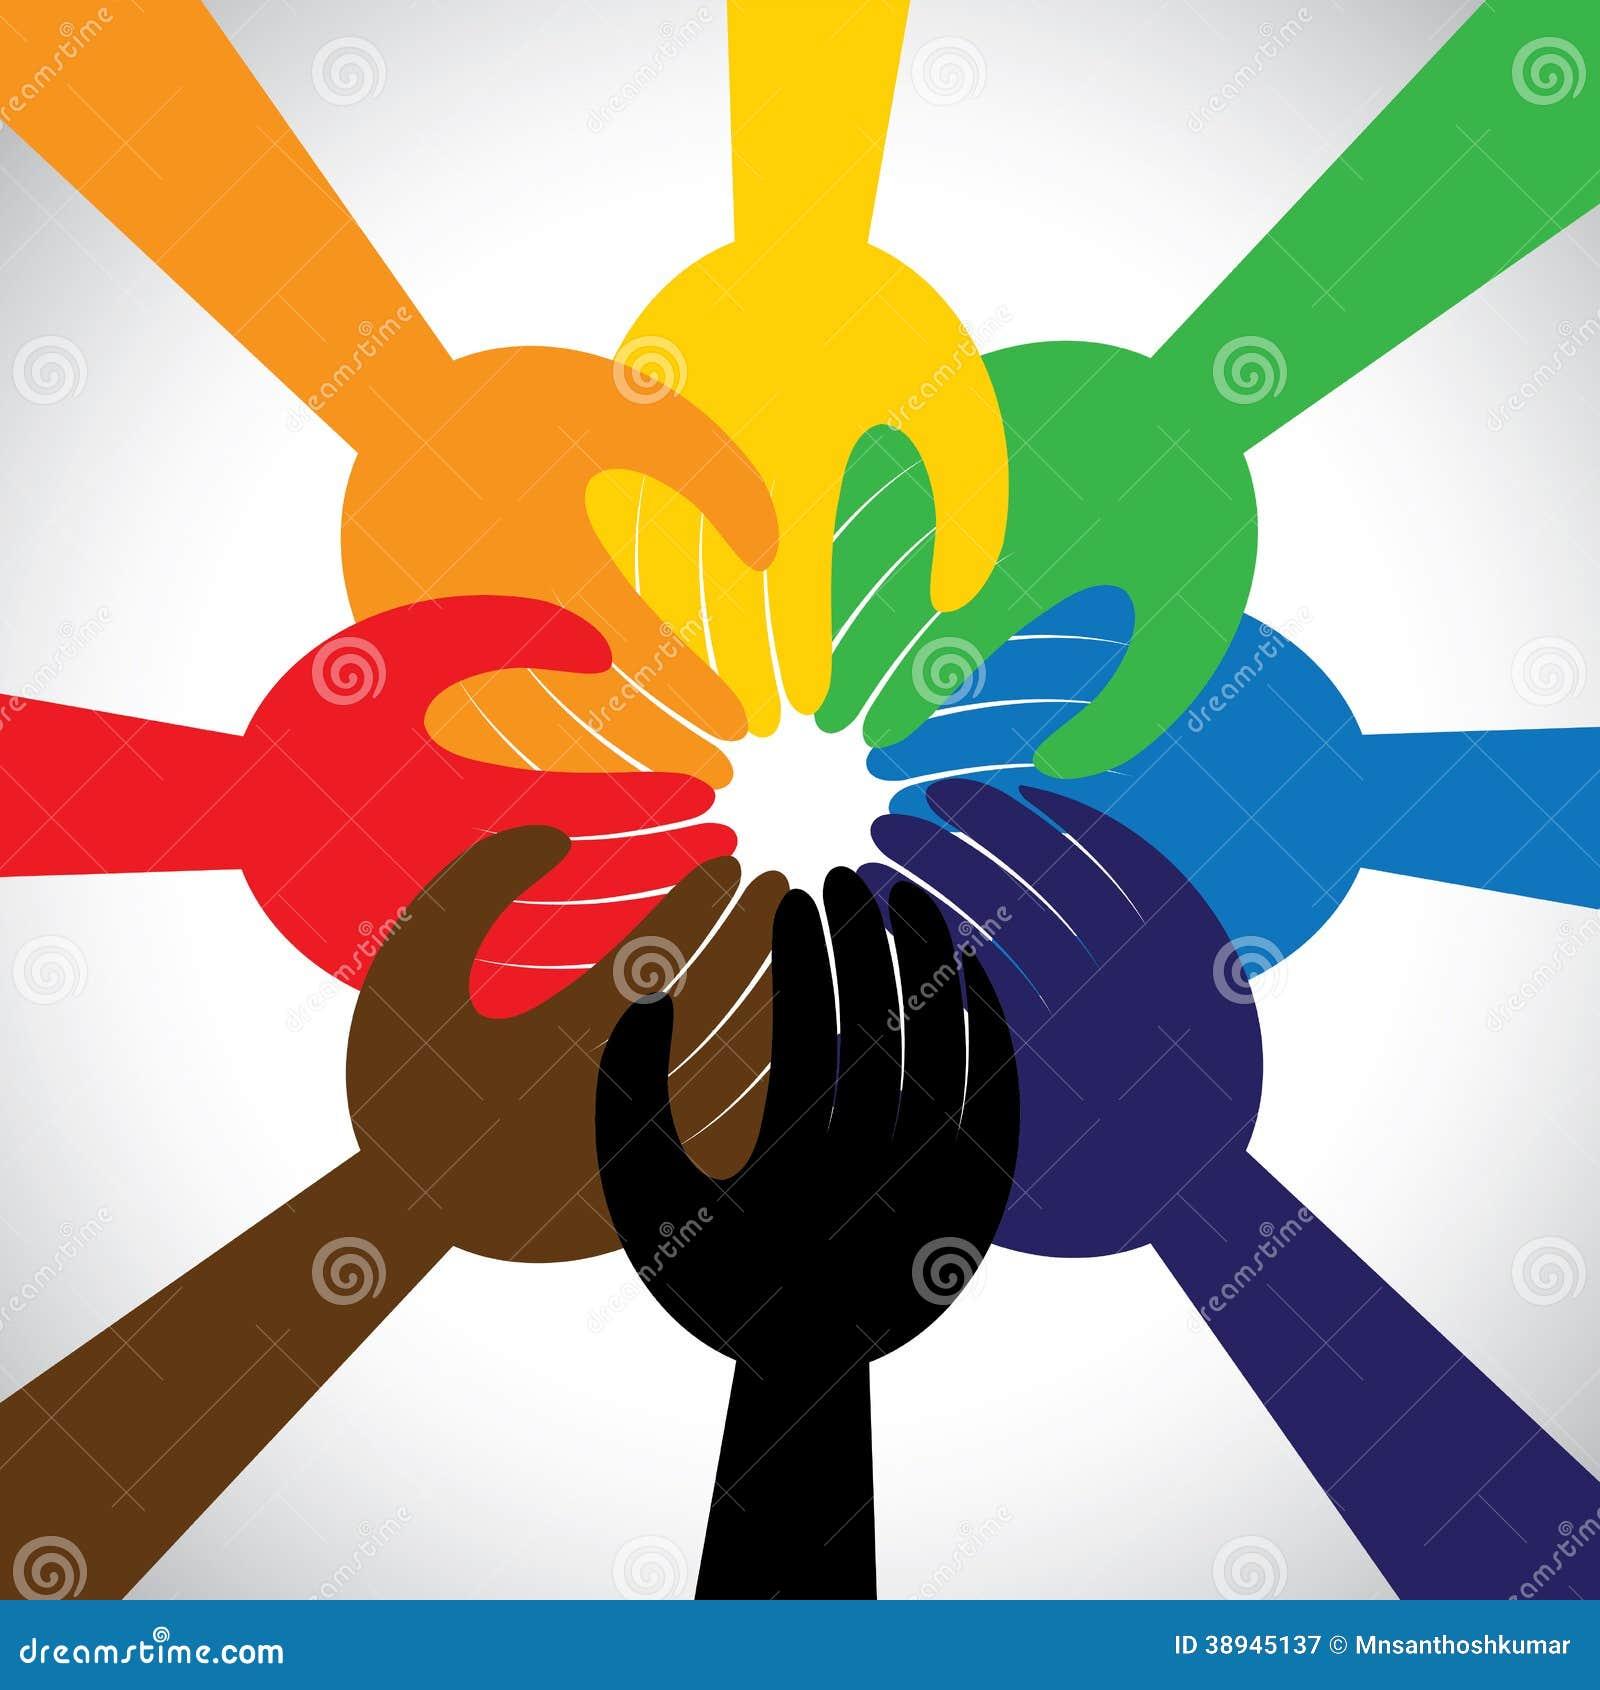 Hände, die Bürgschaft, Versprechen - Konzeptvektor nehmen